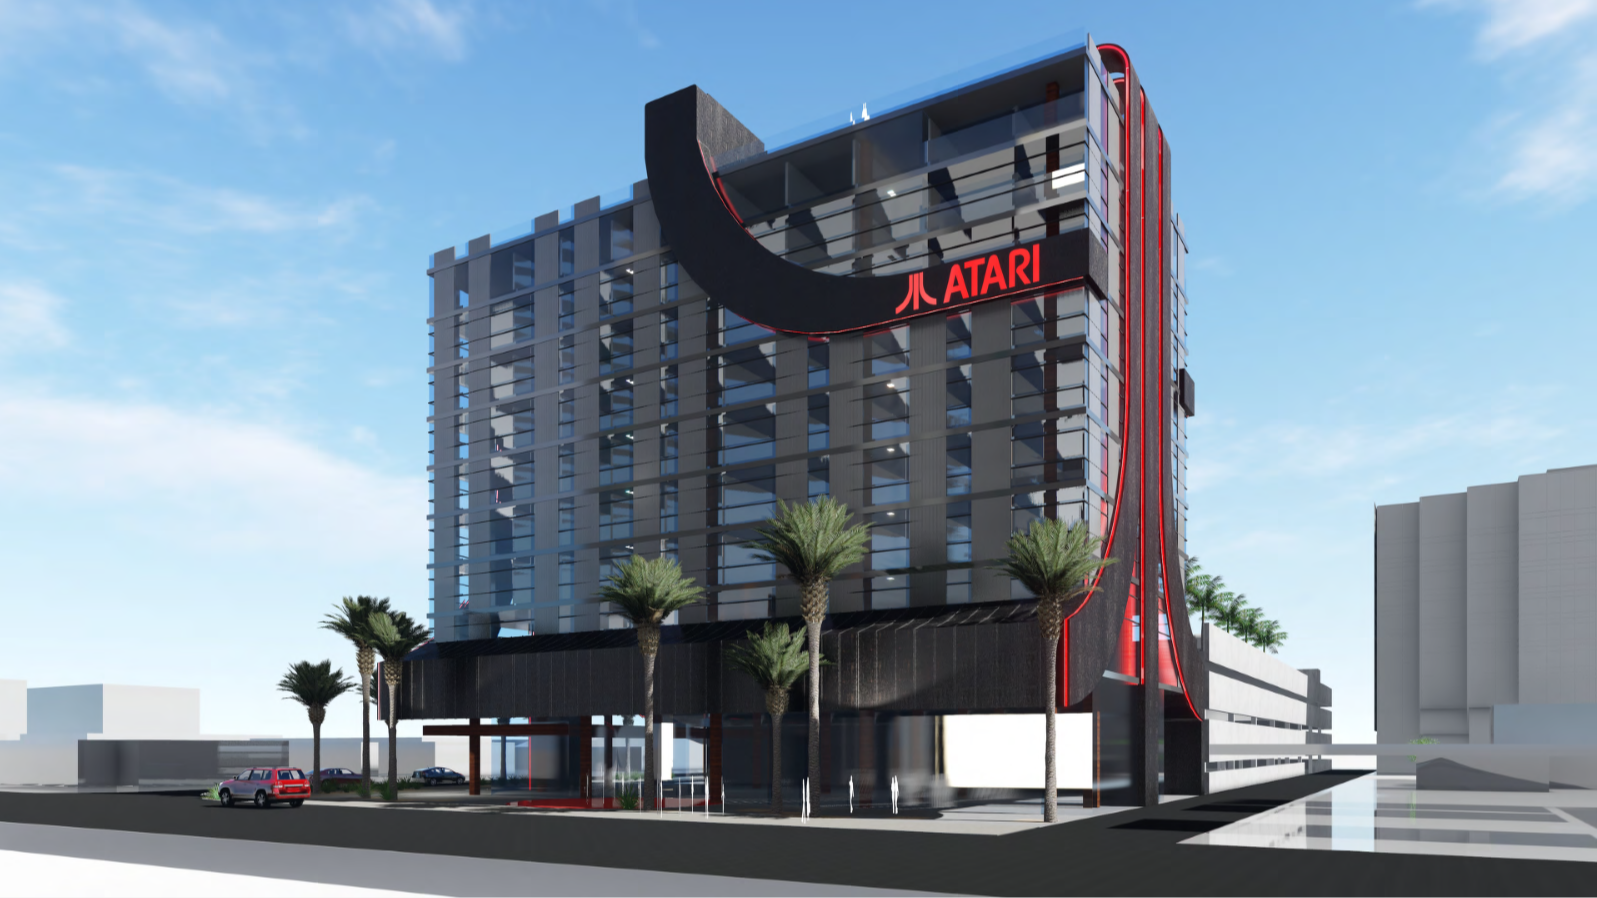 atari-hotels-render-2